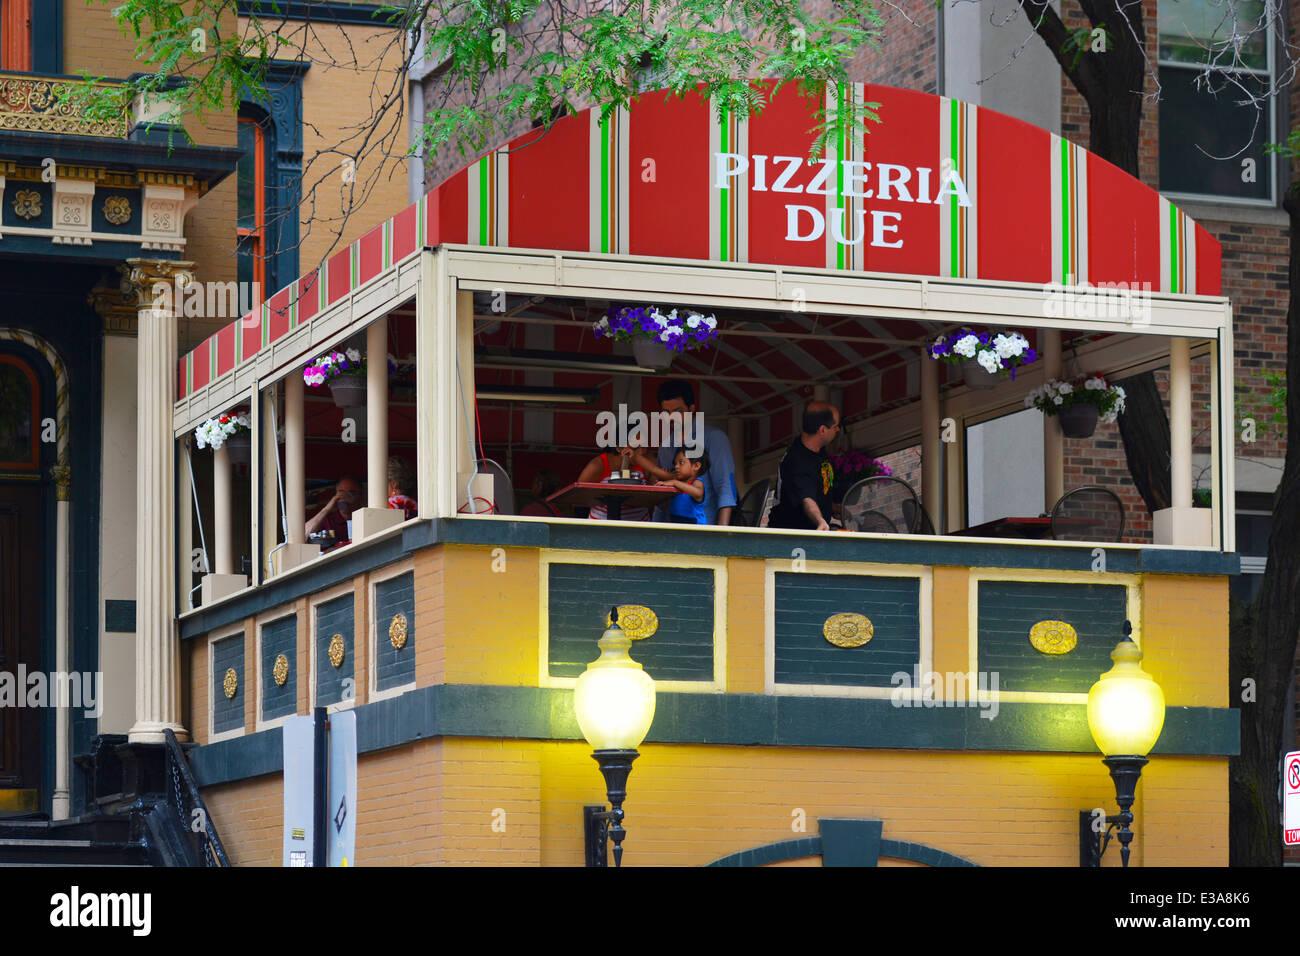 Pizzeria a causa ristorante di Chicago Immagini Stock